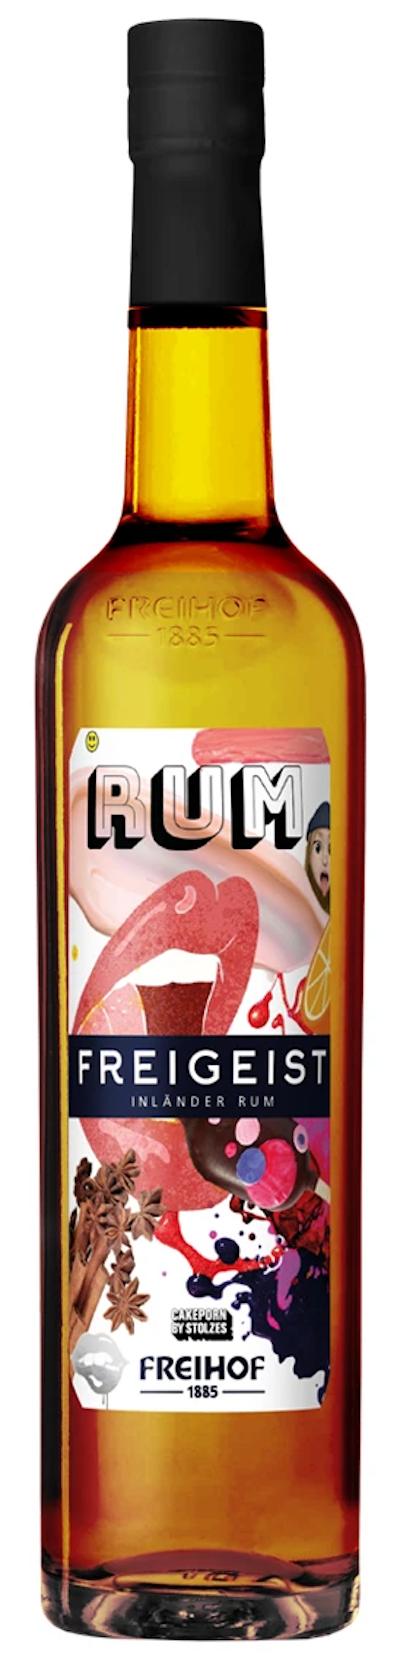 Freihof - Freigeist Edition Stolzes Inländer Rum